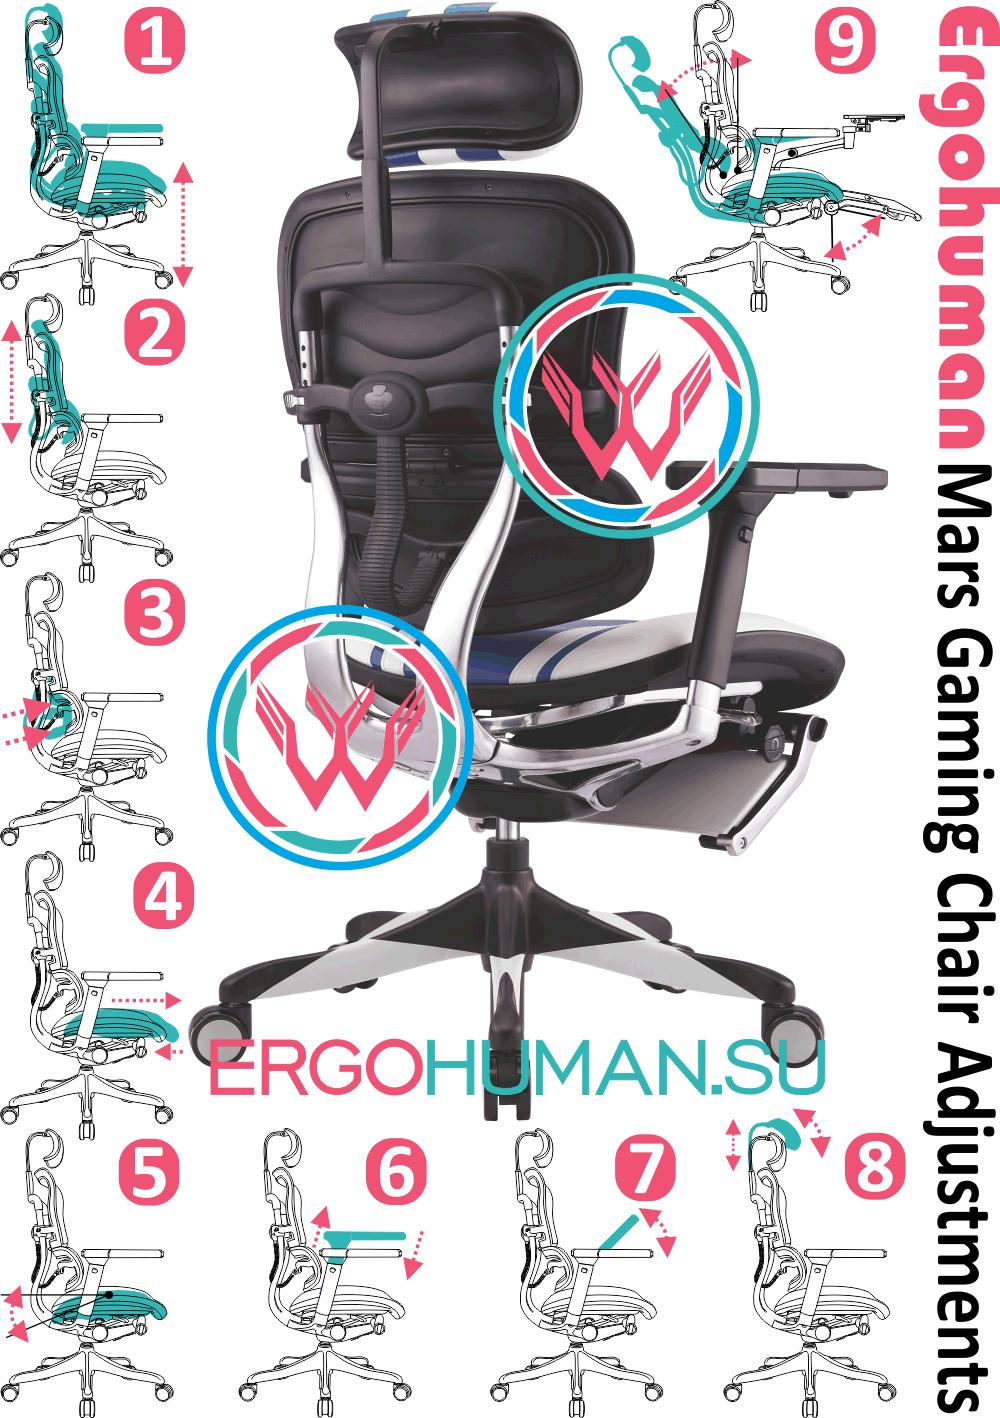 Эргономичное крпесло для компьютера ортопедическое Ergohuman